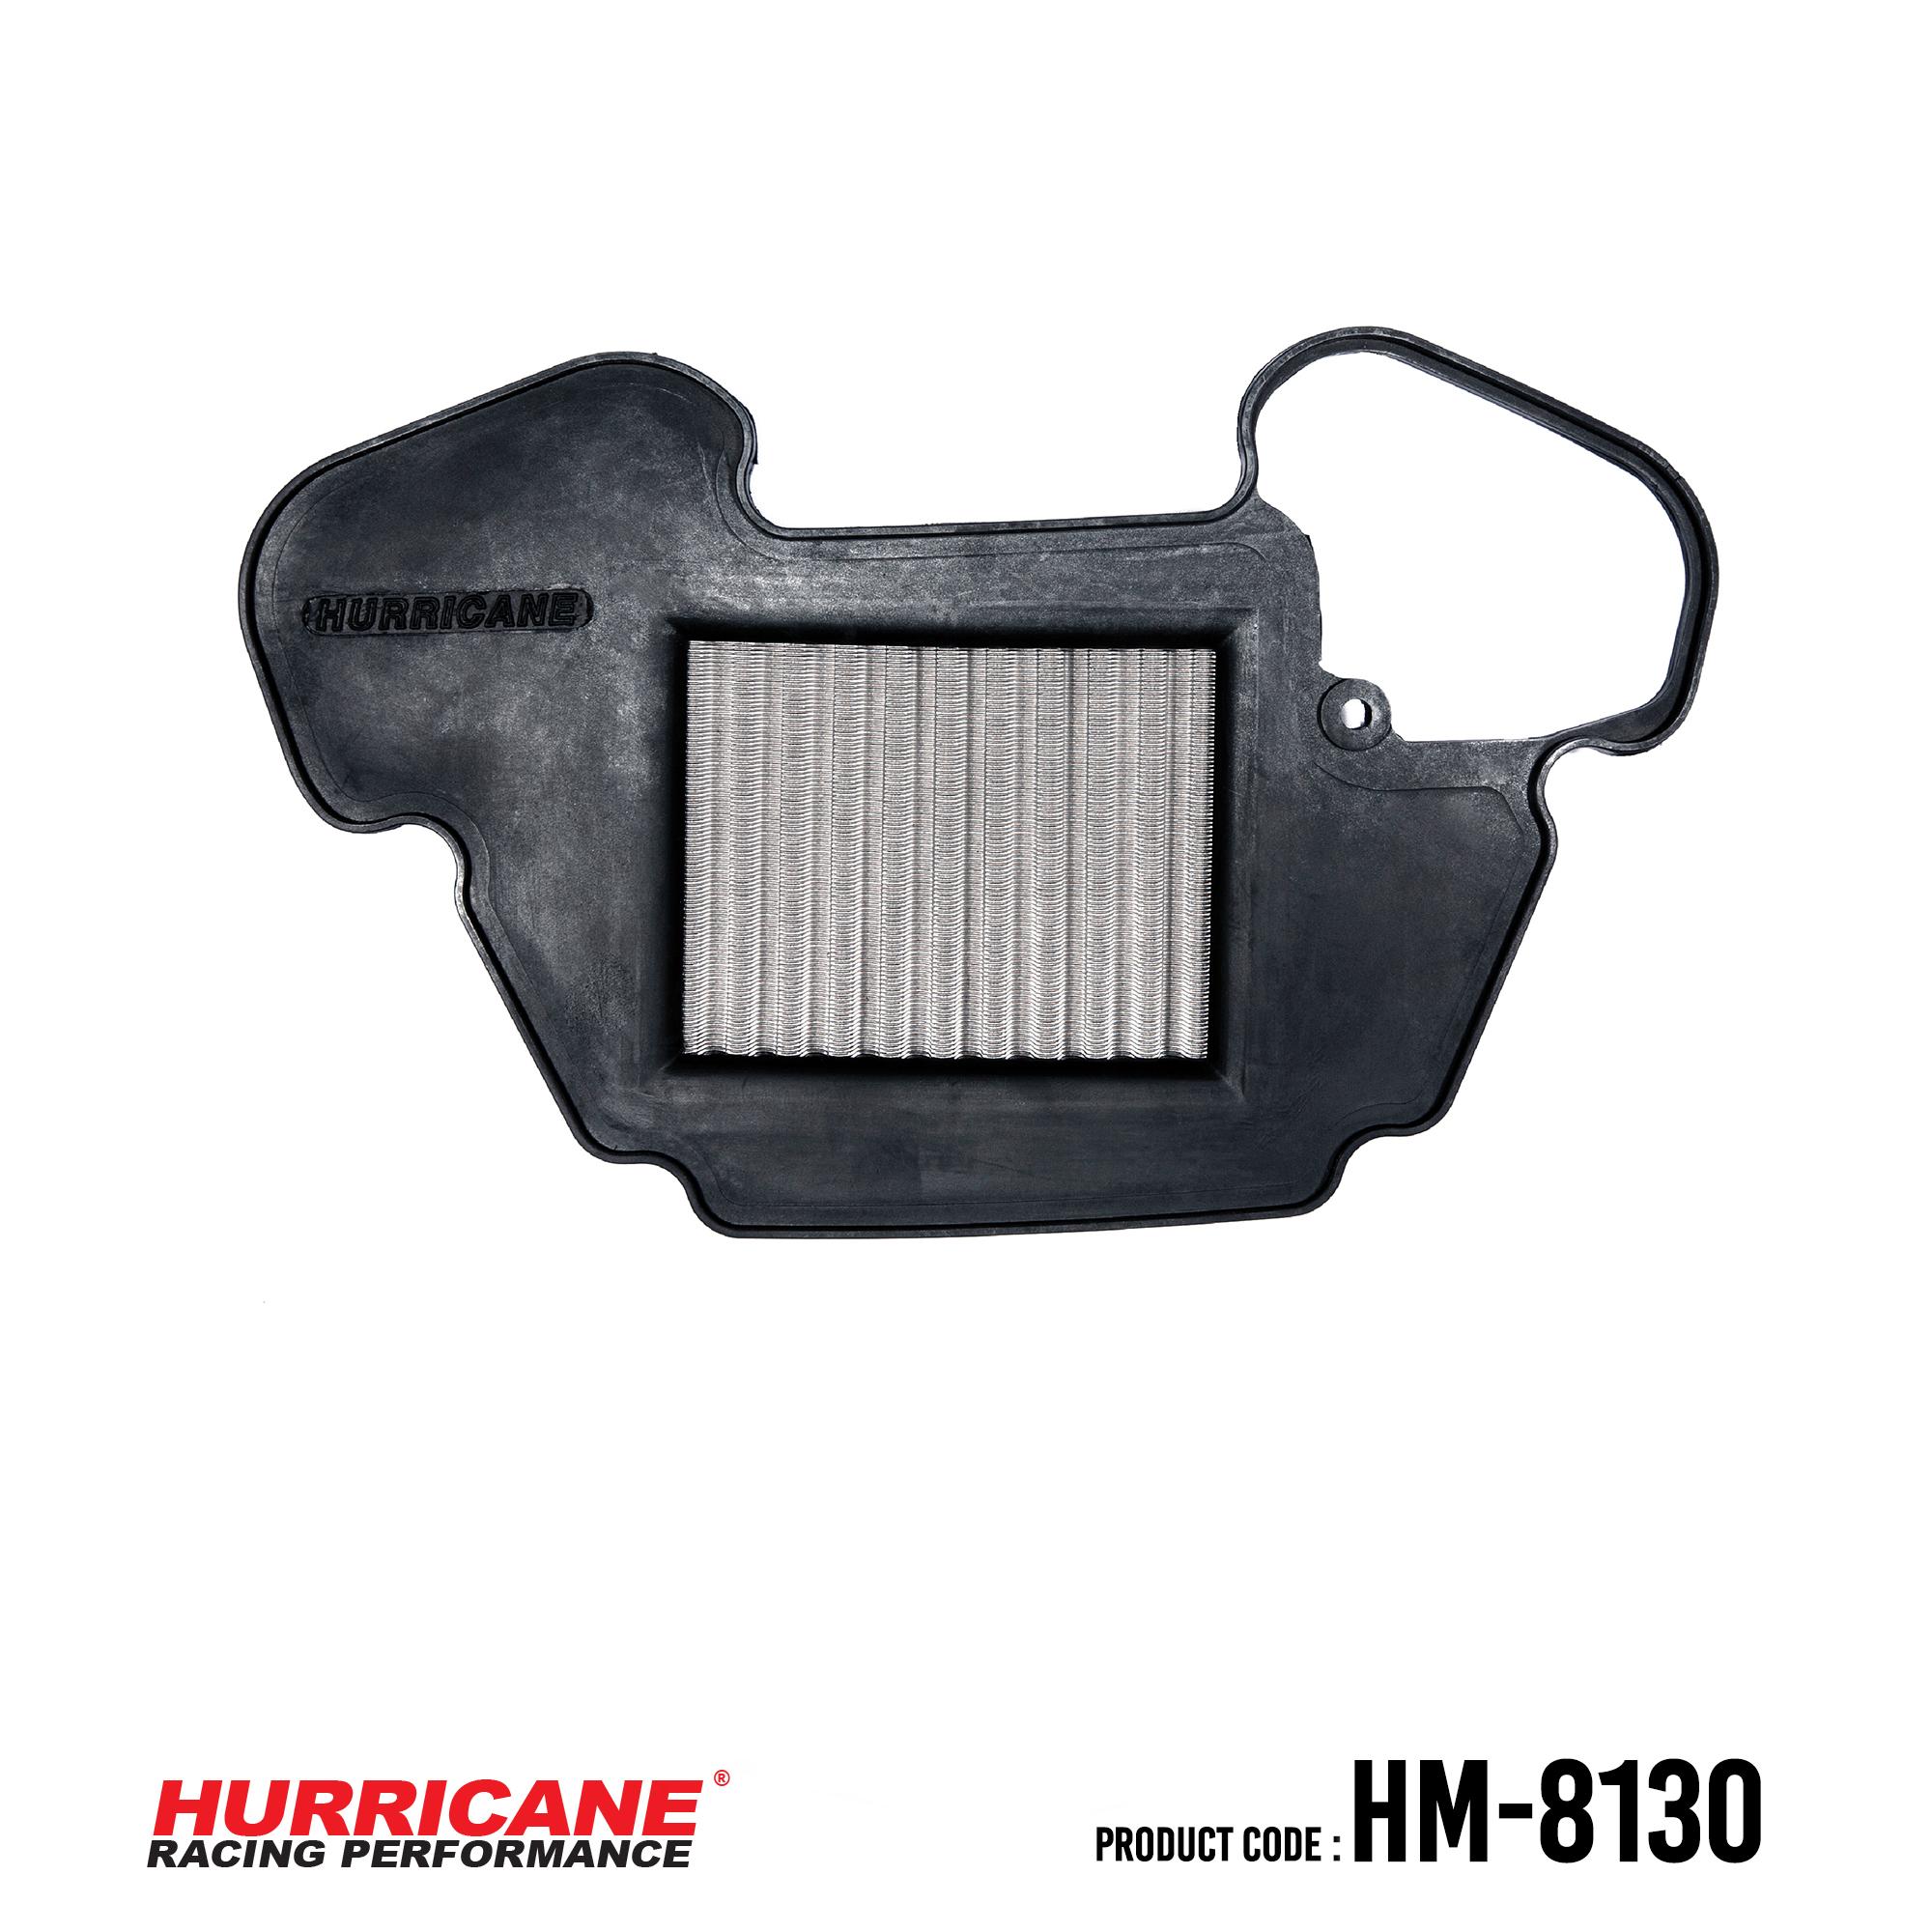 HURRICANE STAINLESS STEEL AIR FILTER FOR HM-8130 Honda